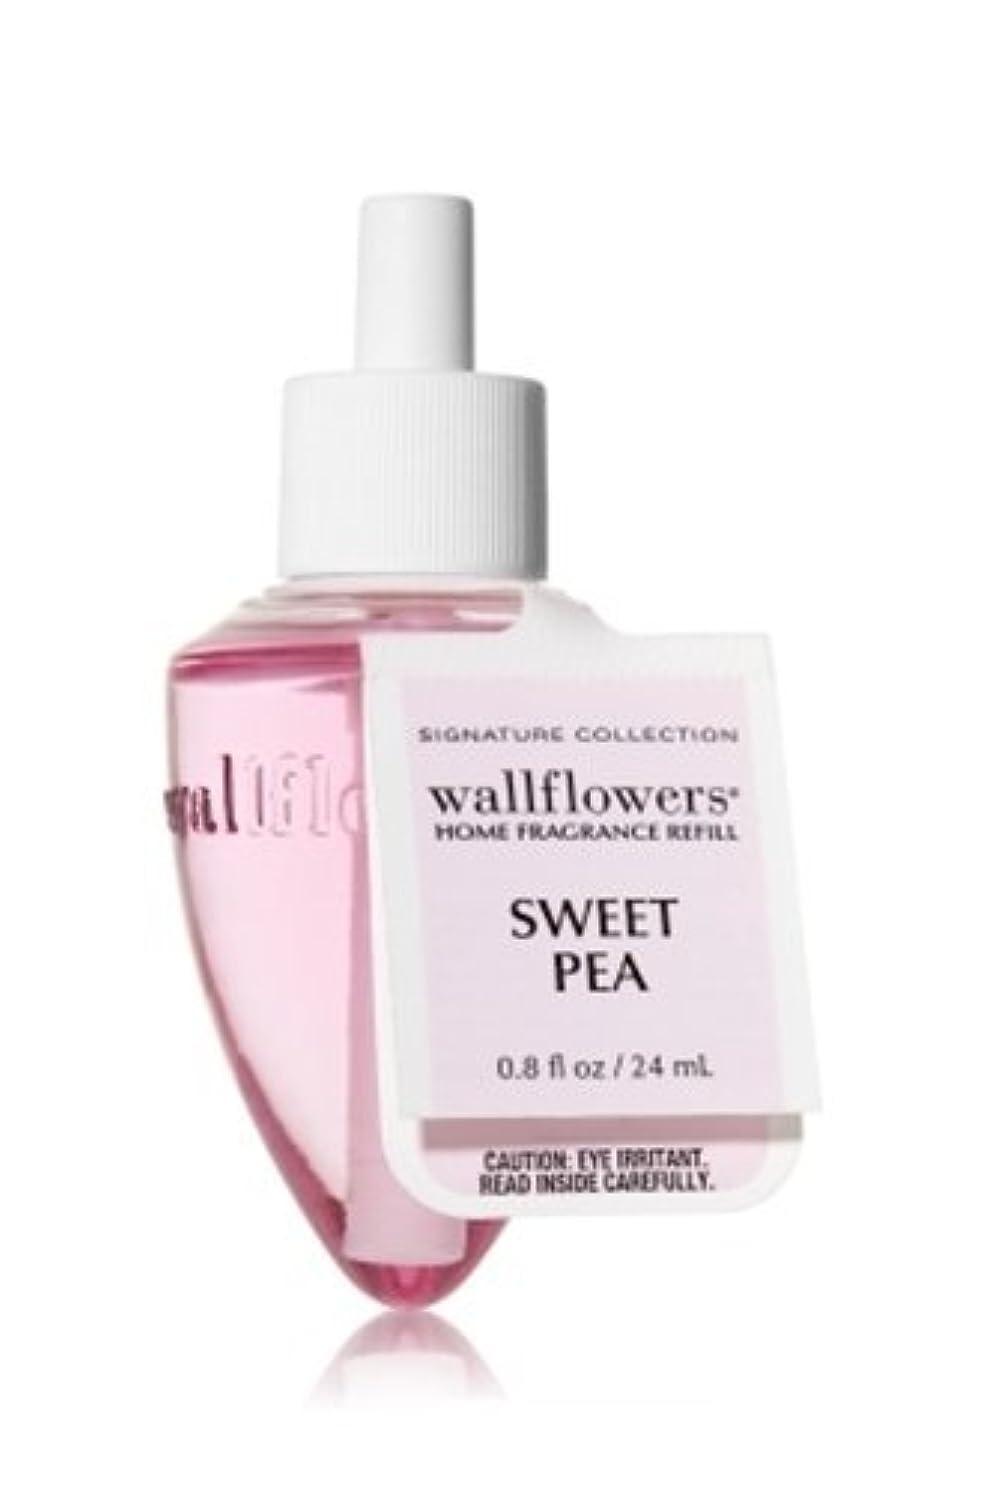 代表ほこりっぽいリンケージBath & Body Works(バス&ボディワークス)スイートピー ホームフレグランス レフィル(本体は別売りです)Sweet Pea Wallflowers Refill Single Bottles [並行輸入品]